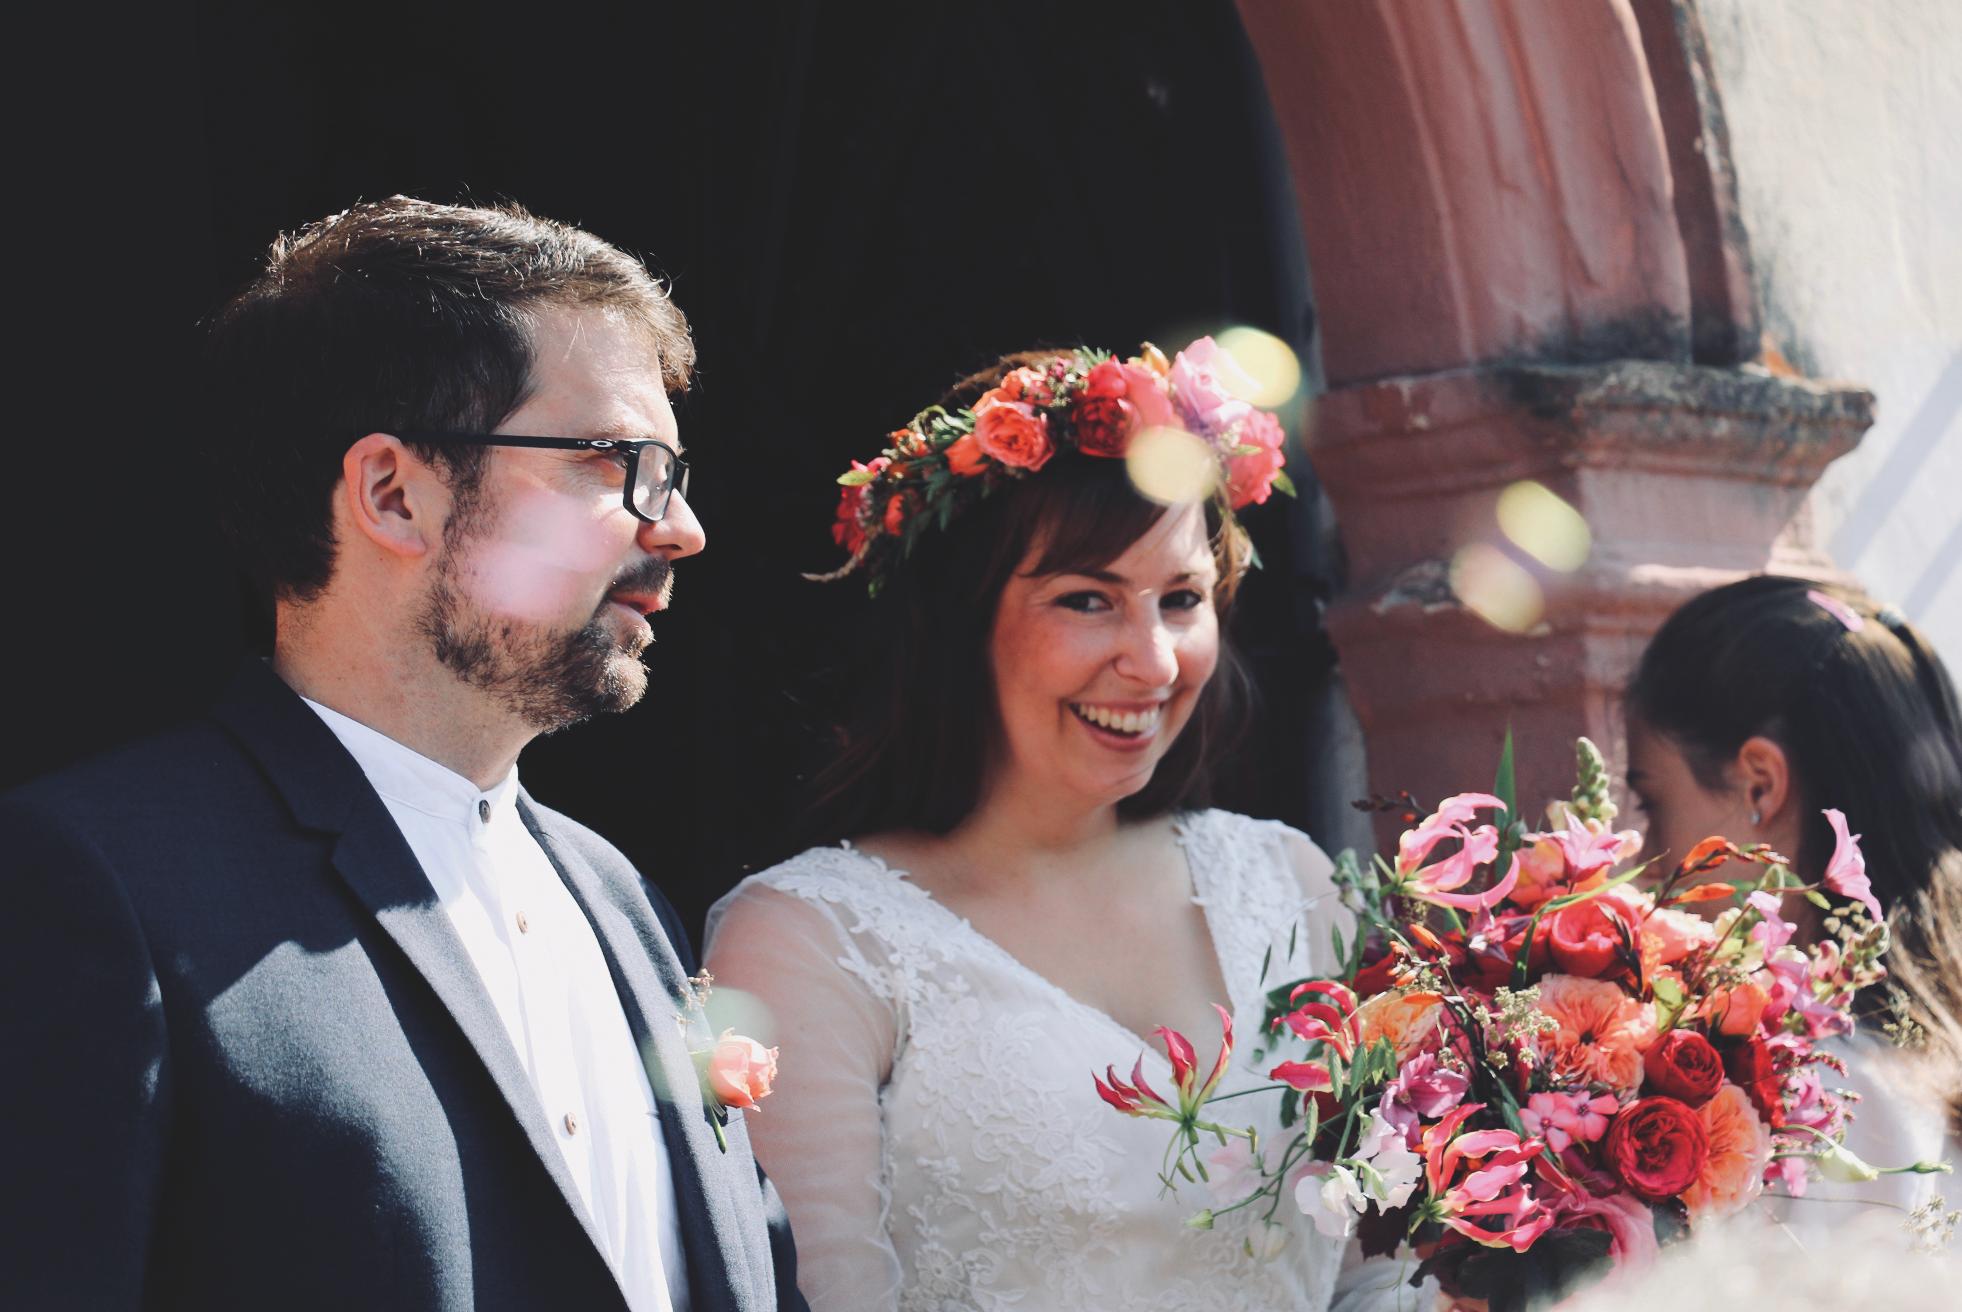 Blumenschmuck für die Braut - Brautsträuße: ab 65,00 EURHaarkranz ab: 55,00 EURHaarreif mit Blumen: ab 45,00 EUR